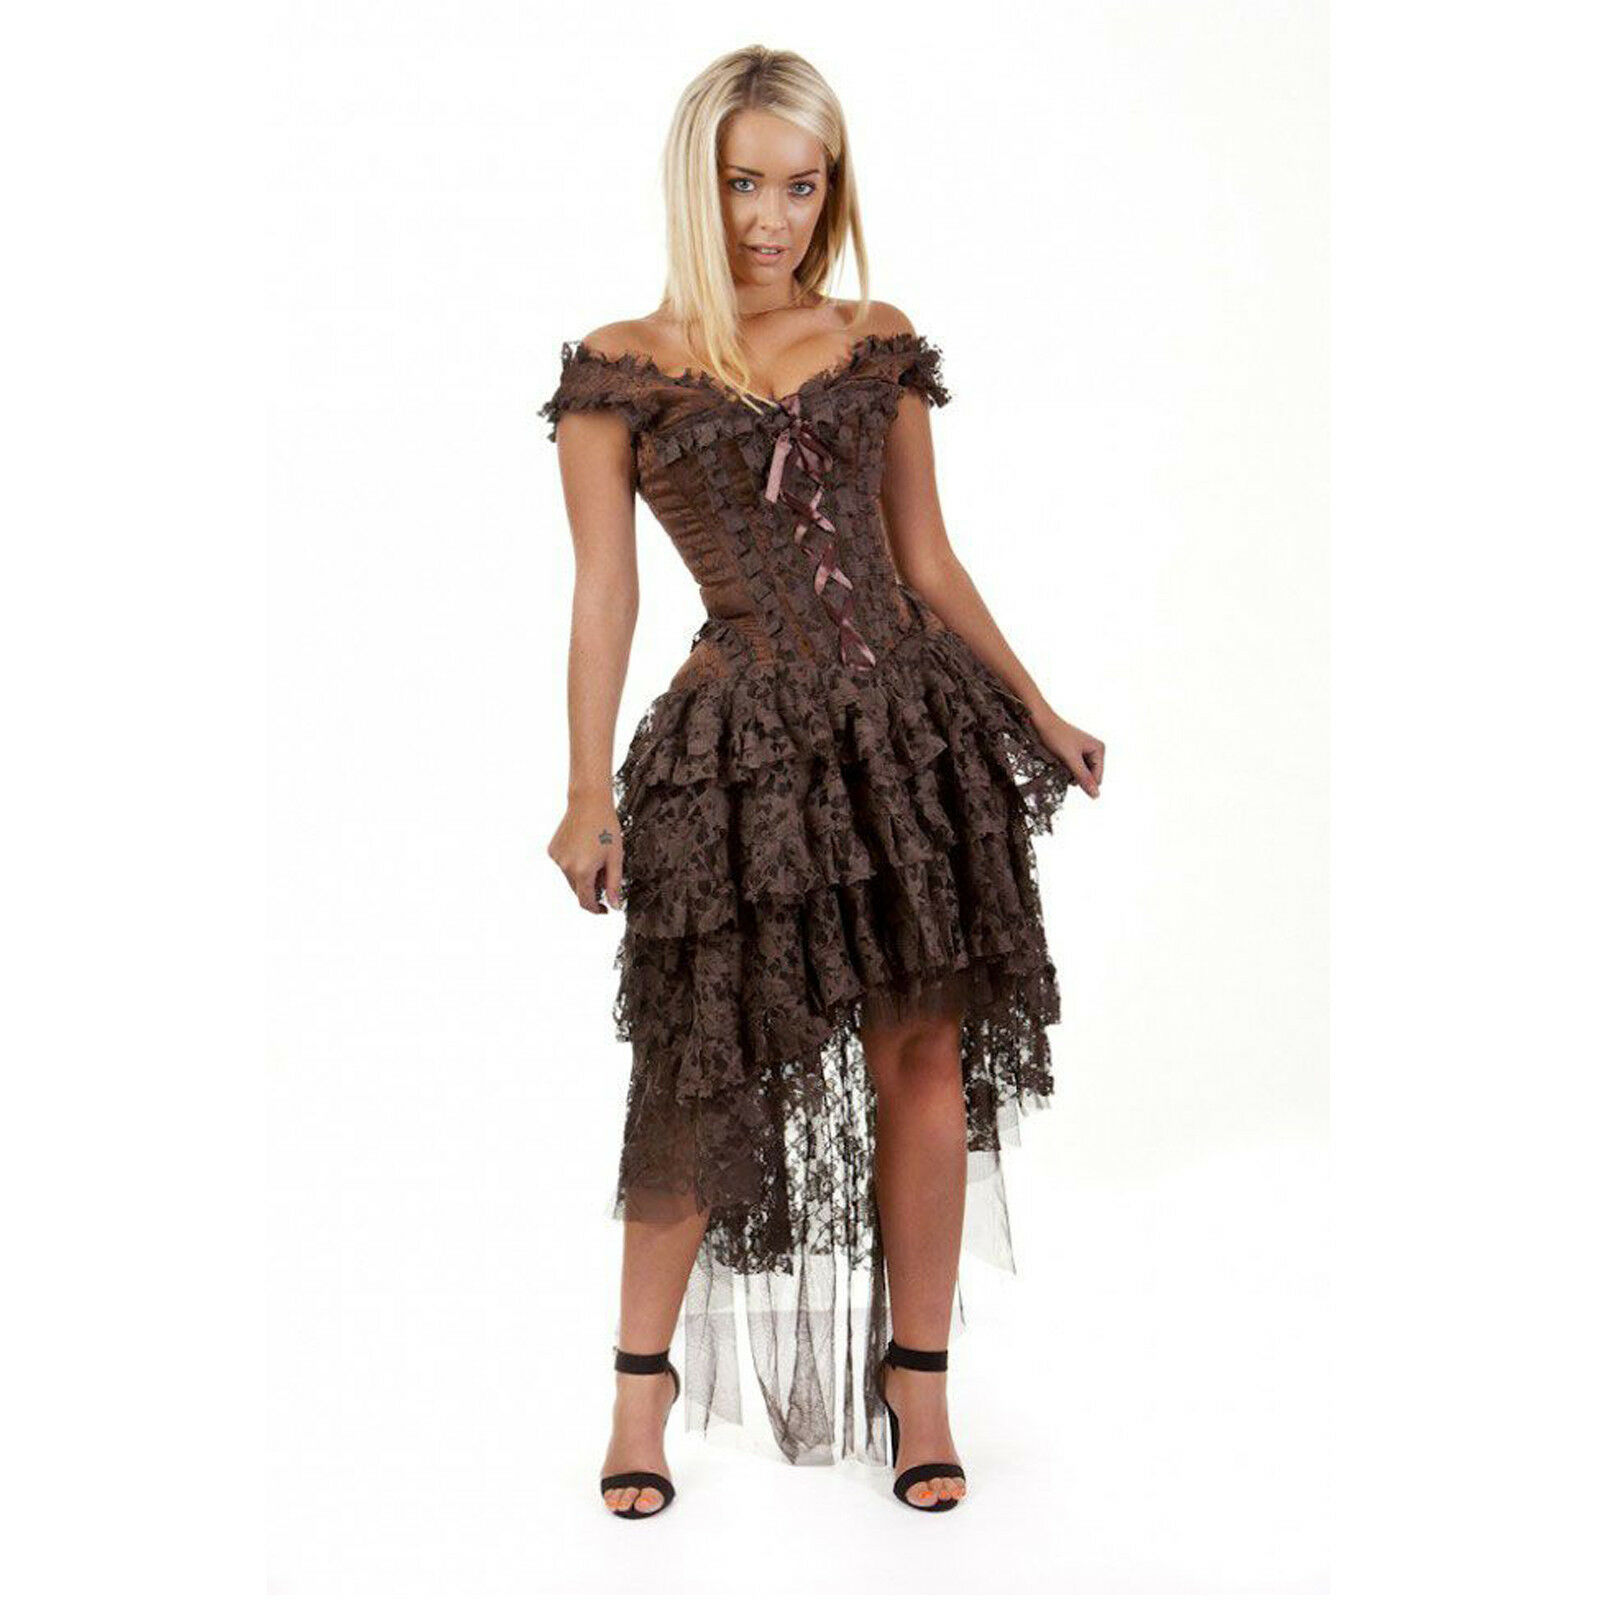 Steampunk Kleid in Braun Brokat und Spitze von Burleska